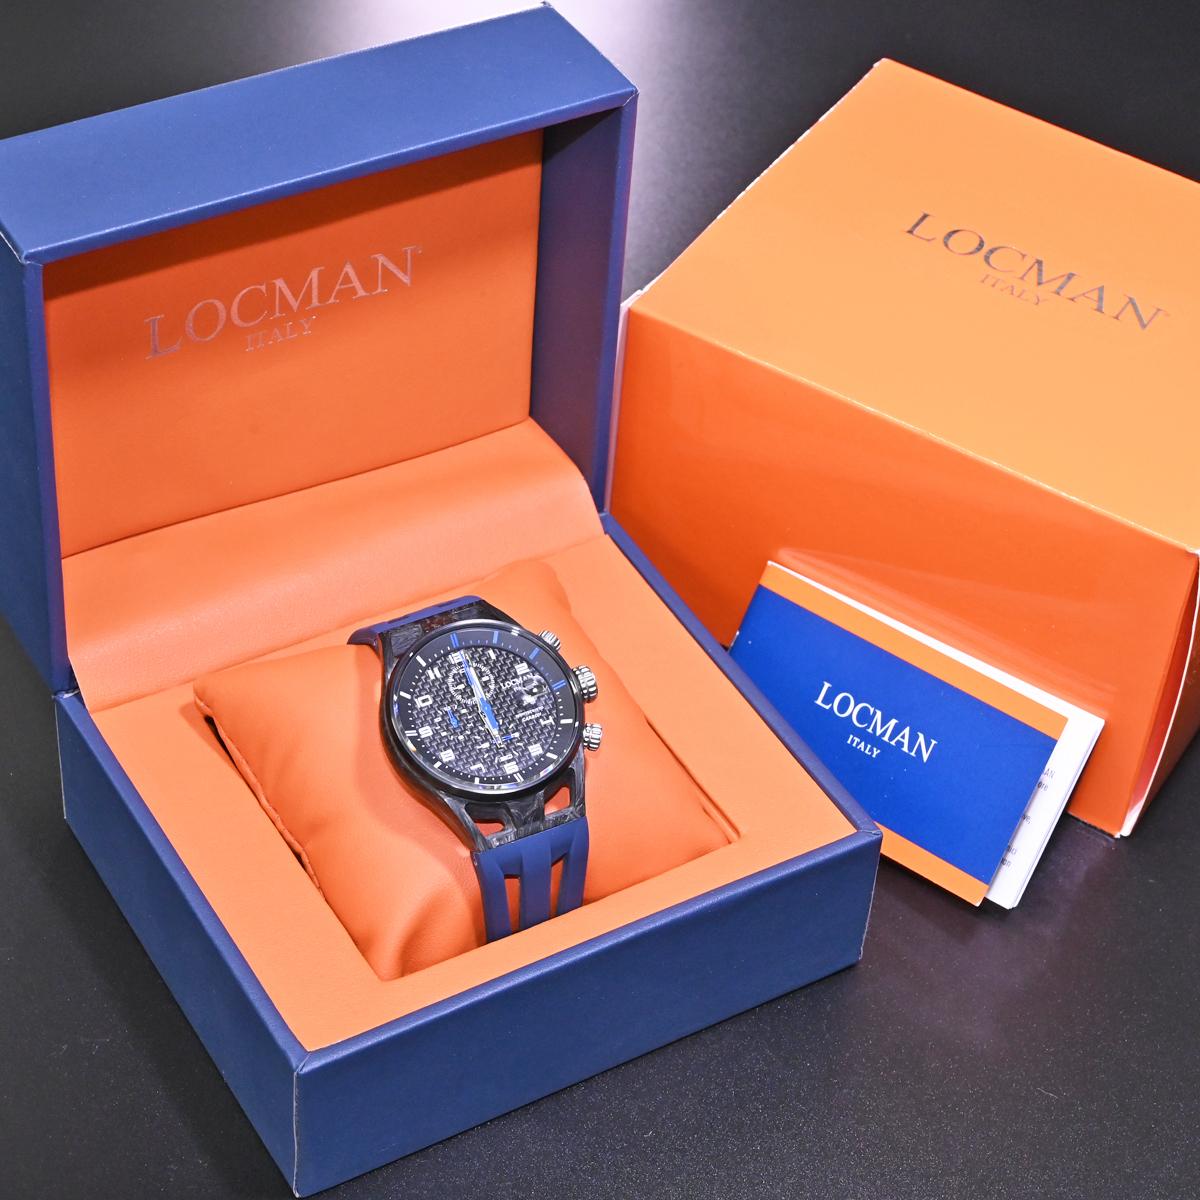 本物 新品 ロックマン 極希少 フォージドカーボン MONTECRISTO CARBON クロノグラフ メンズウォッチ 男性用腕時計 元箱 冊子付 LOCMAN_画像10